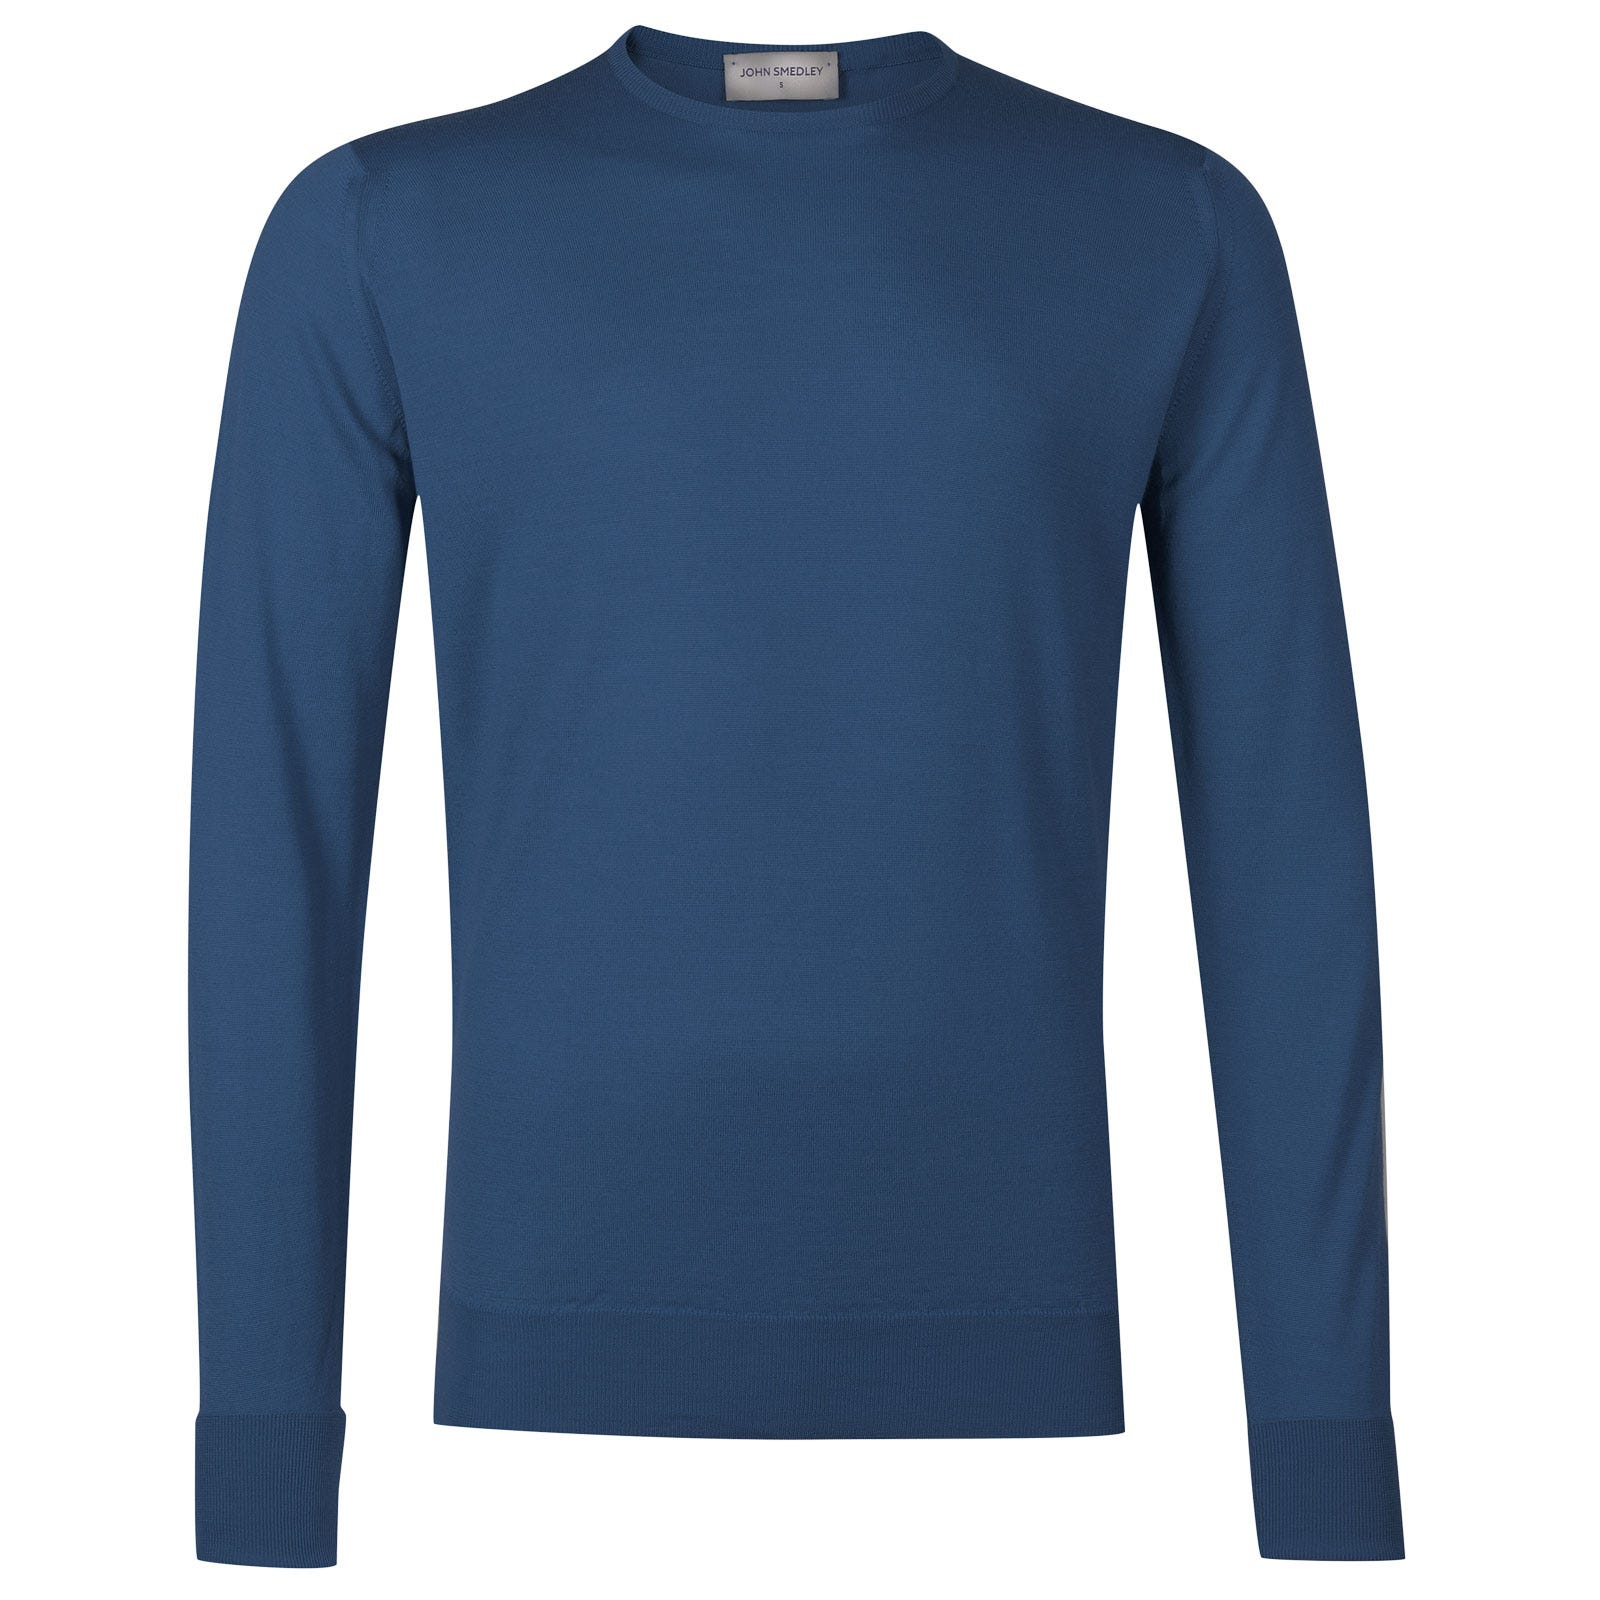 John Smedley marcus Merino Wool Pullover in Derwent Blue-S